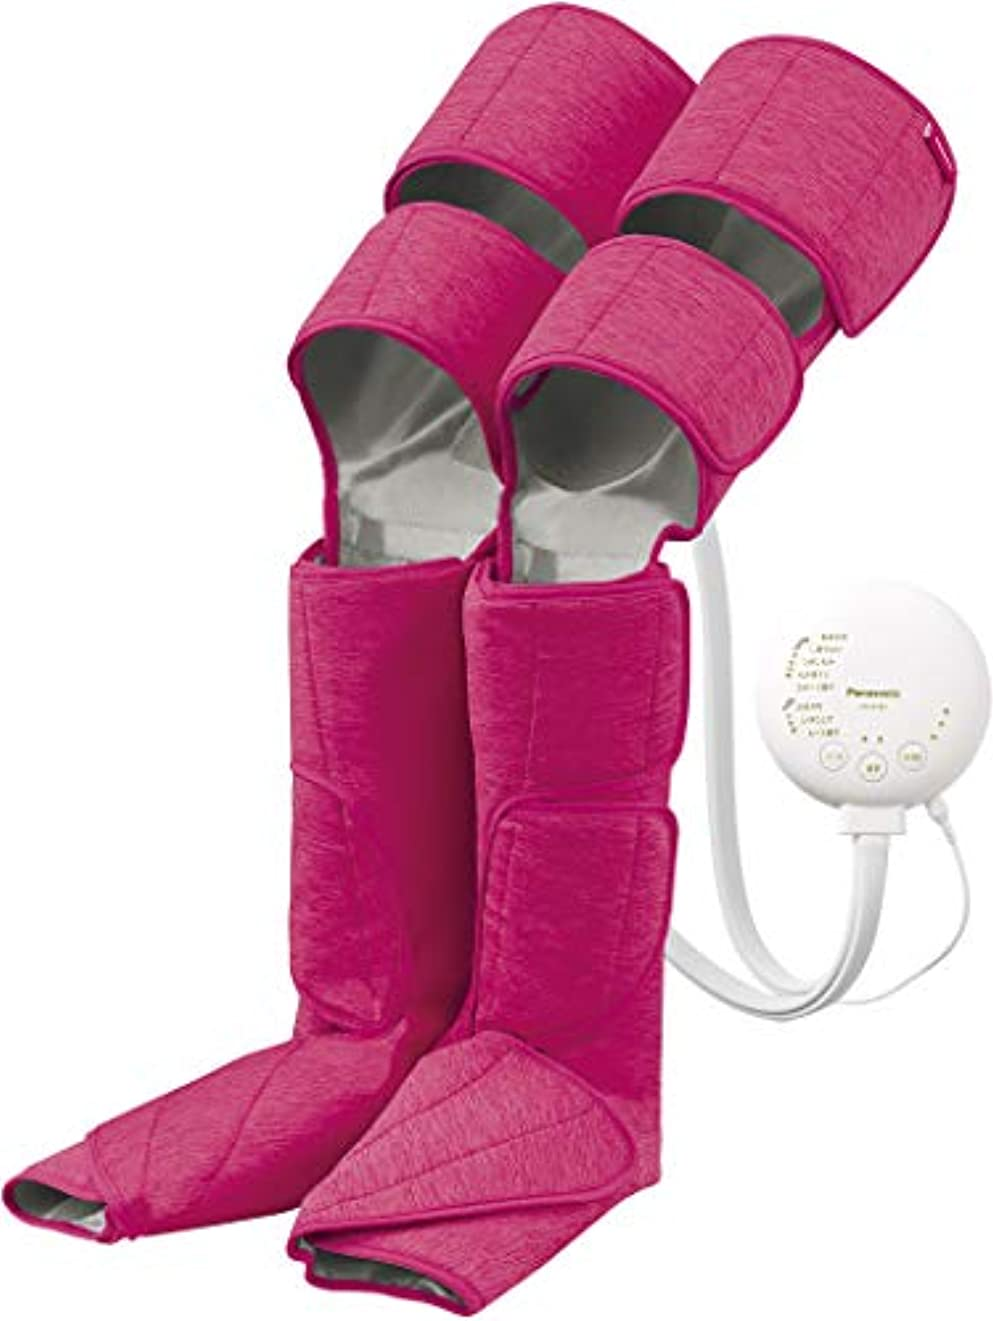 アクセル公爵夫人歩行者パナソニック エアーマッサージャー レッグリフレ ひざ/太もも巻き対応 温感機能搭載 ピンク EW-RA99-P